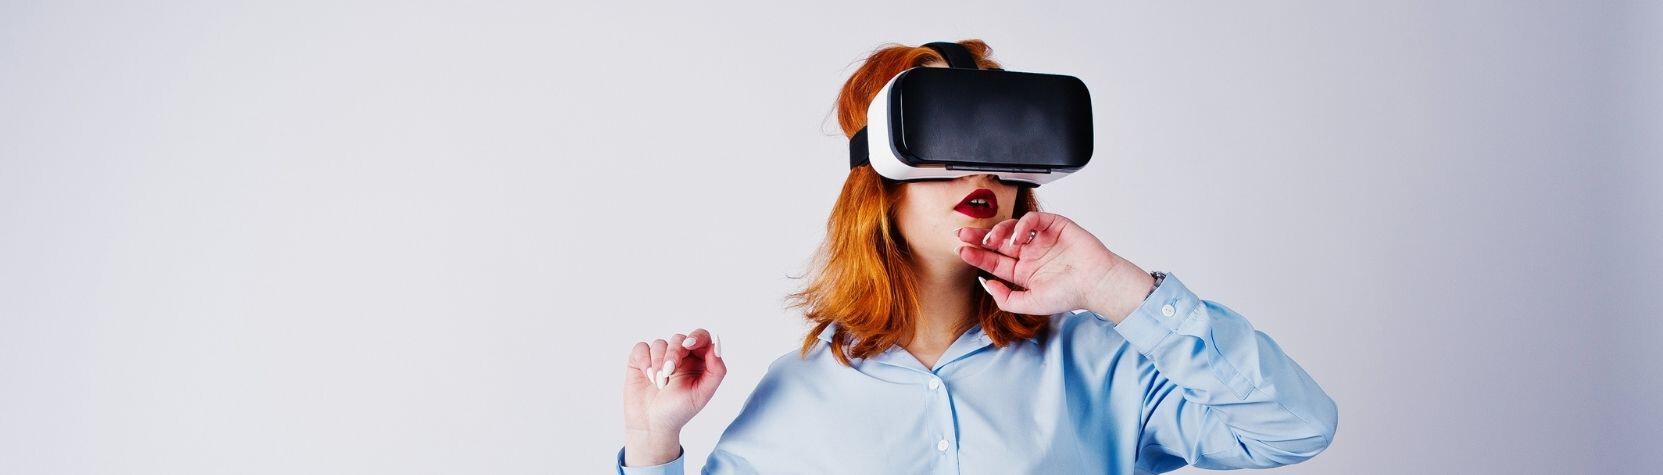 Vds training consultants blog digitaal slim en leuk leren cruciaal voor nieuwe generatie